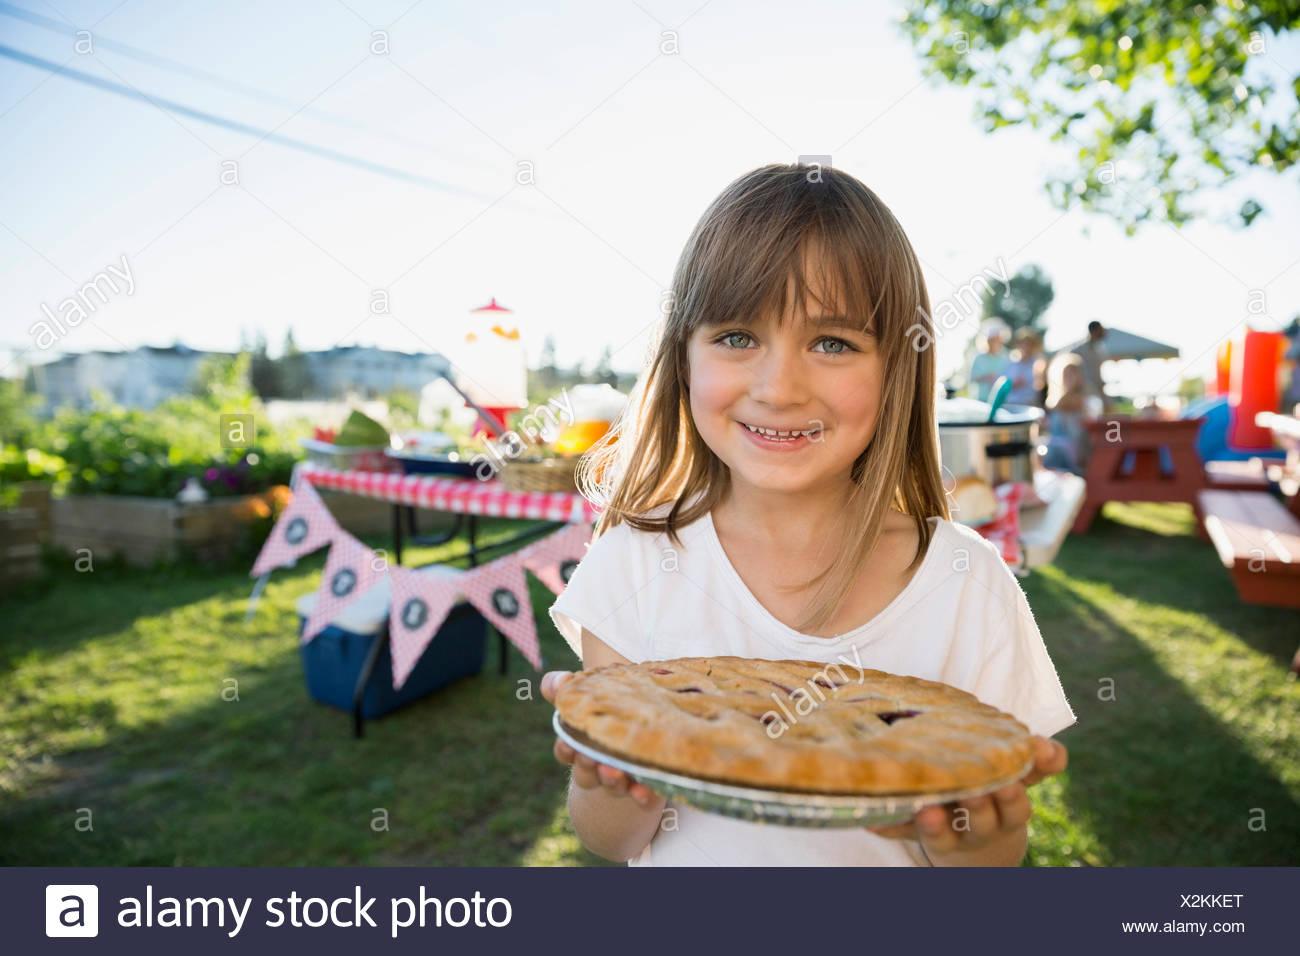 Portrait smiling girl holding fresh baked pie park - Stock Image